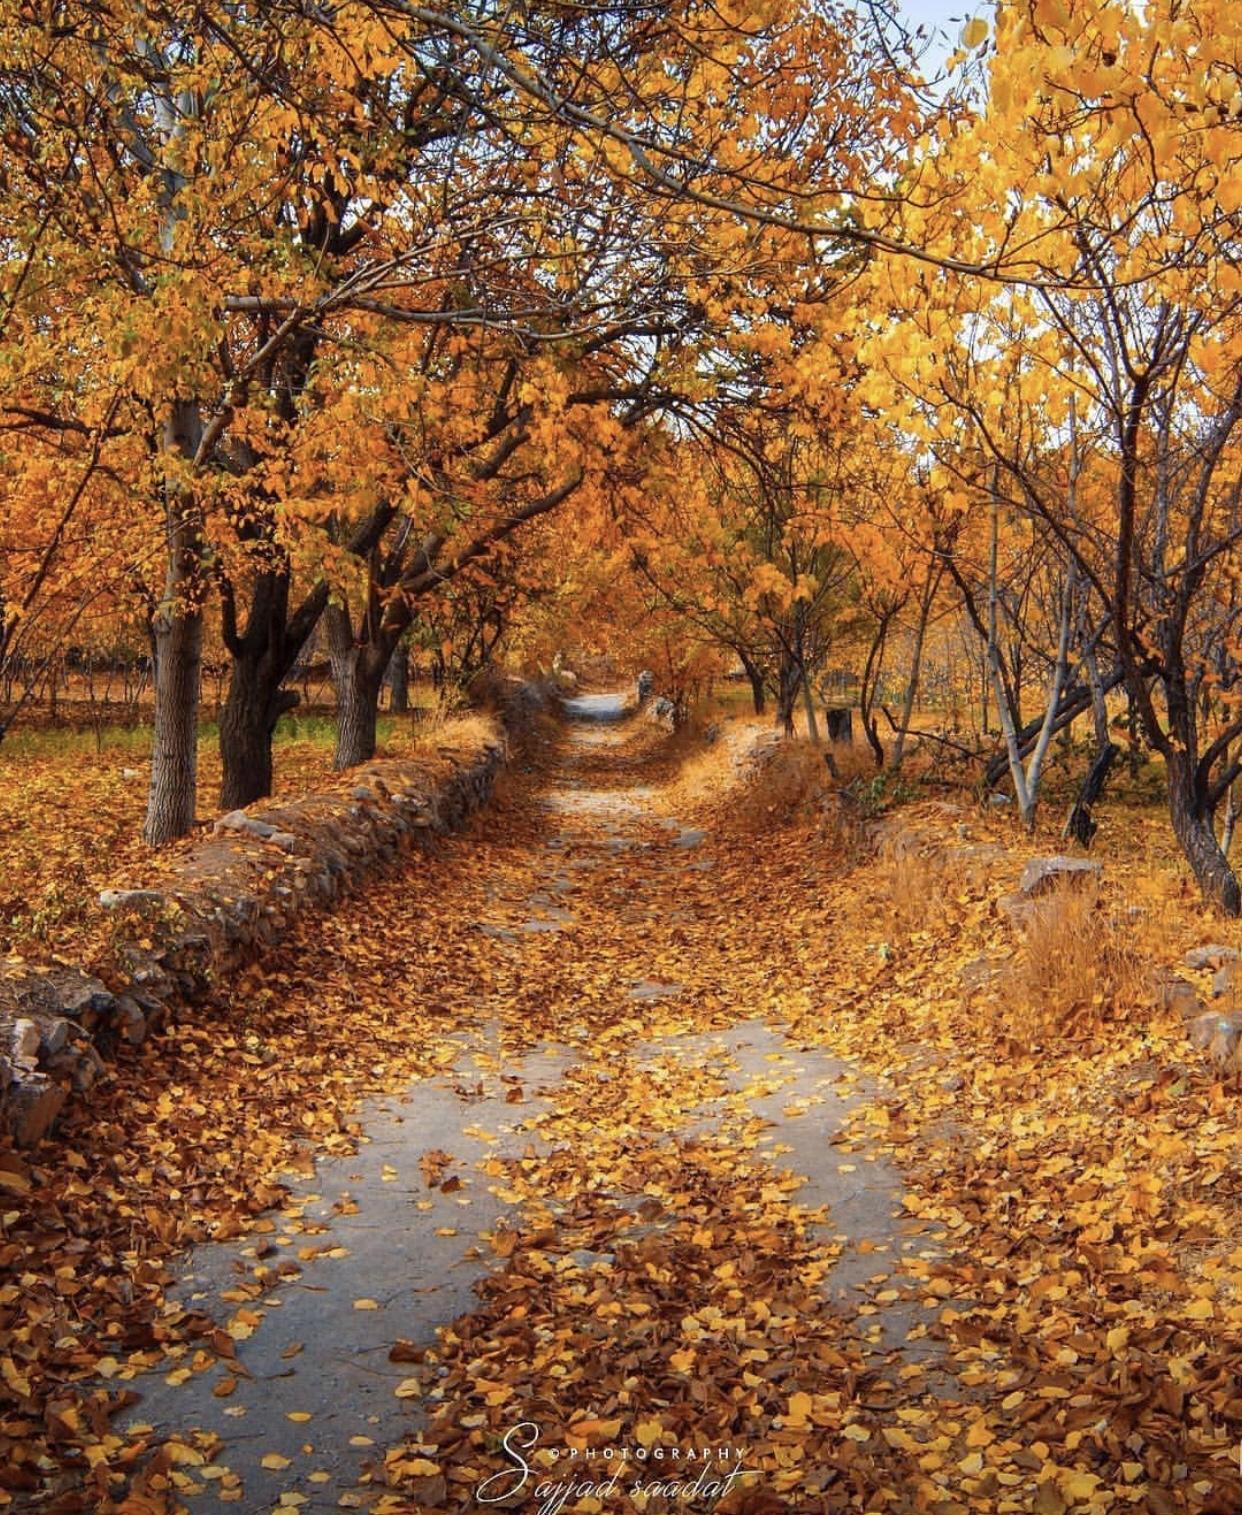 عدسة ايرانية: الخريف في خوانسار قرب أصفهان 3